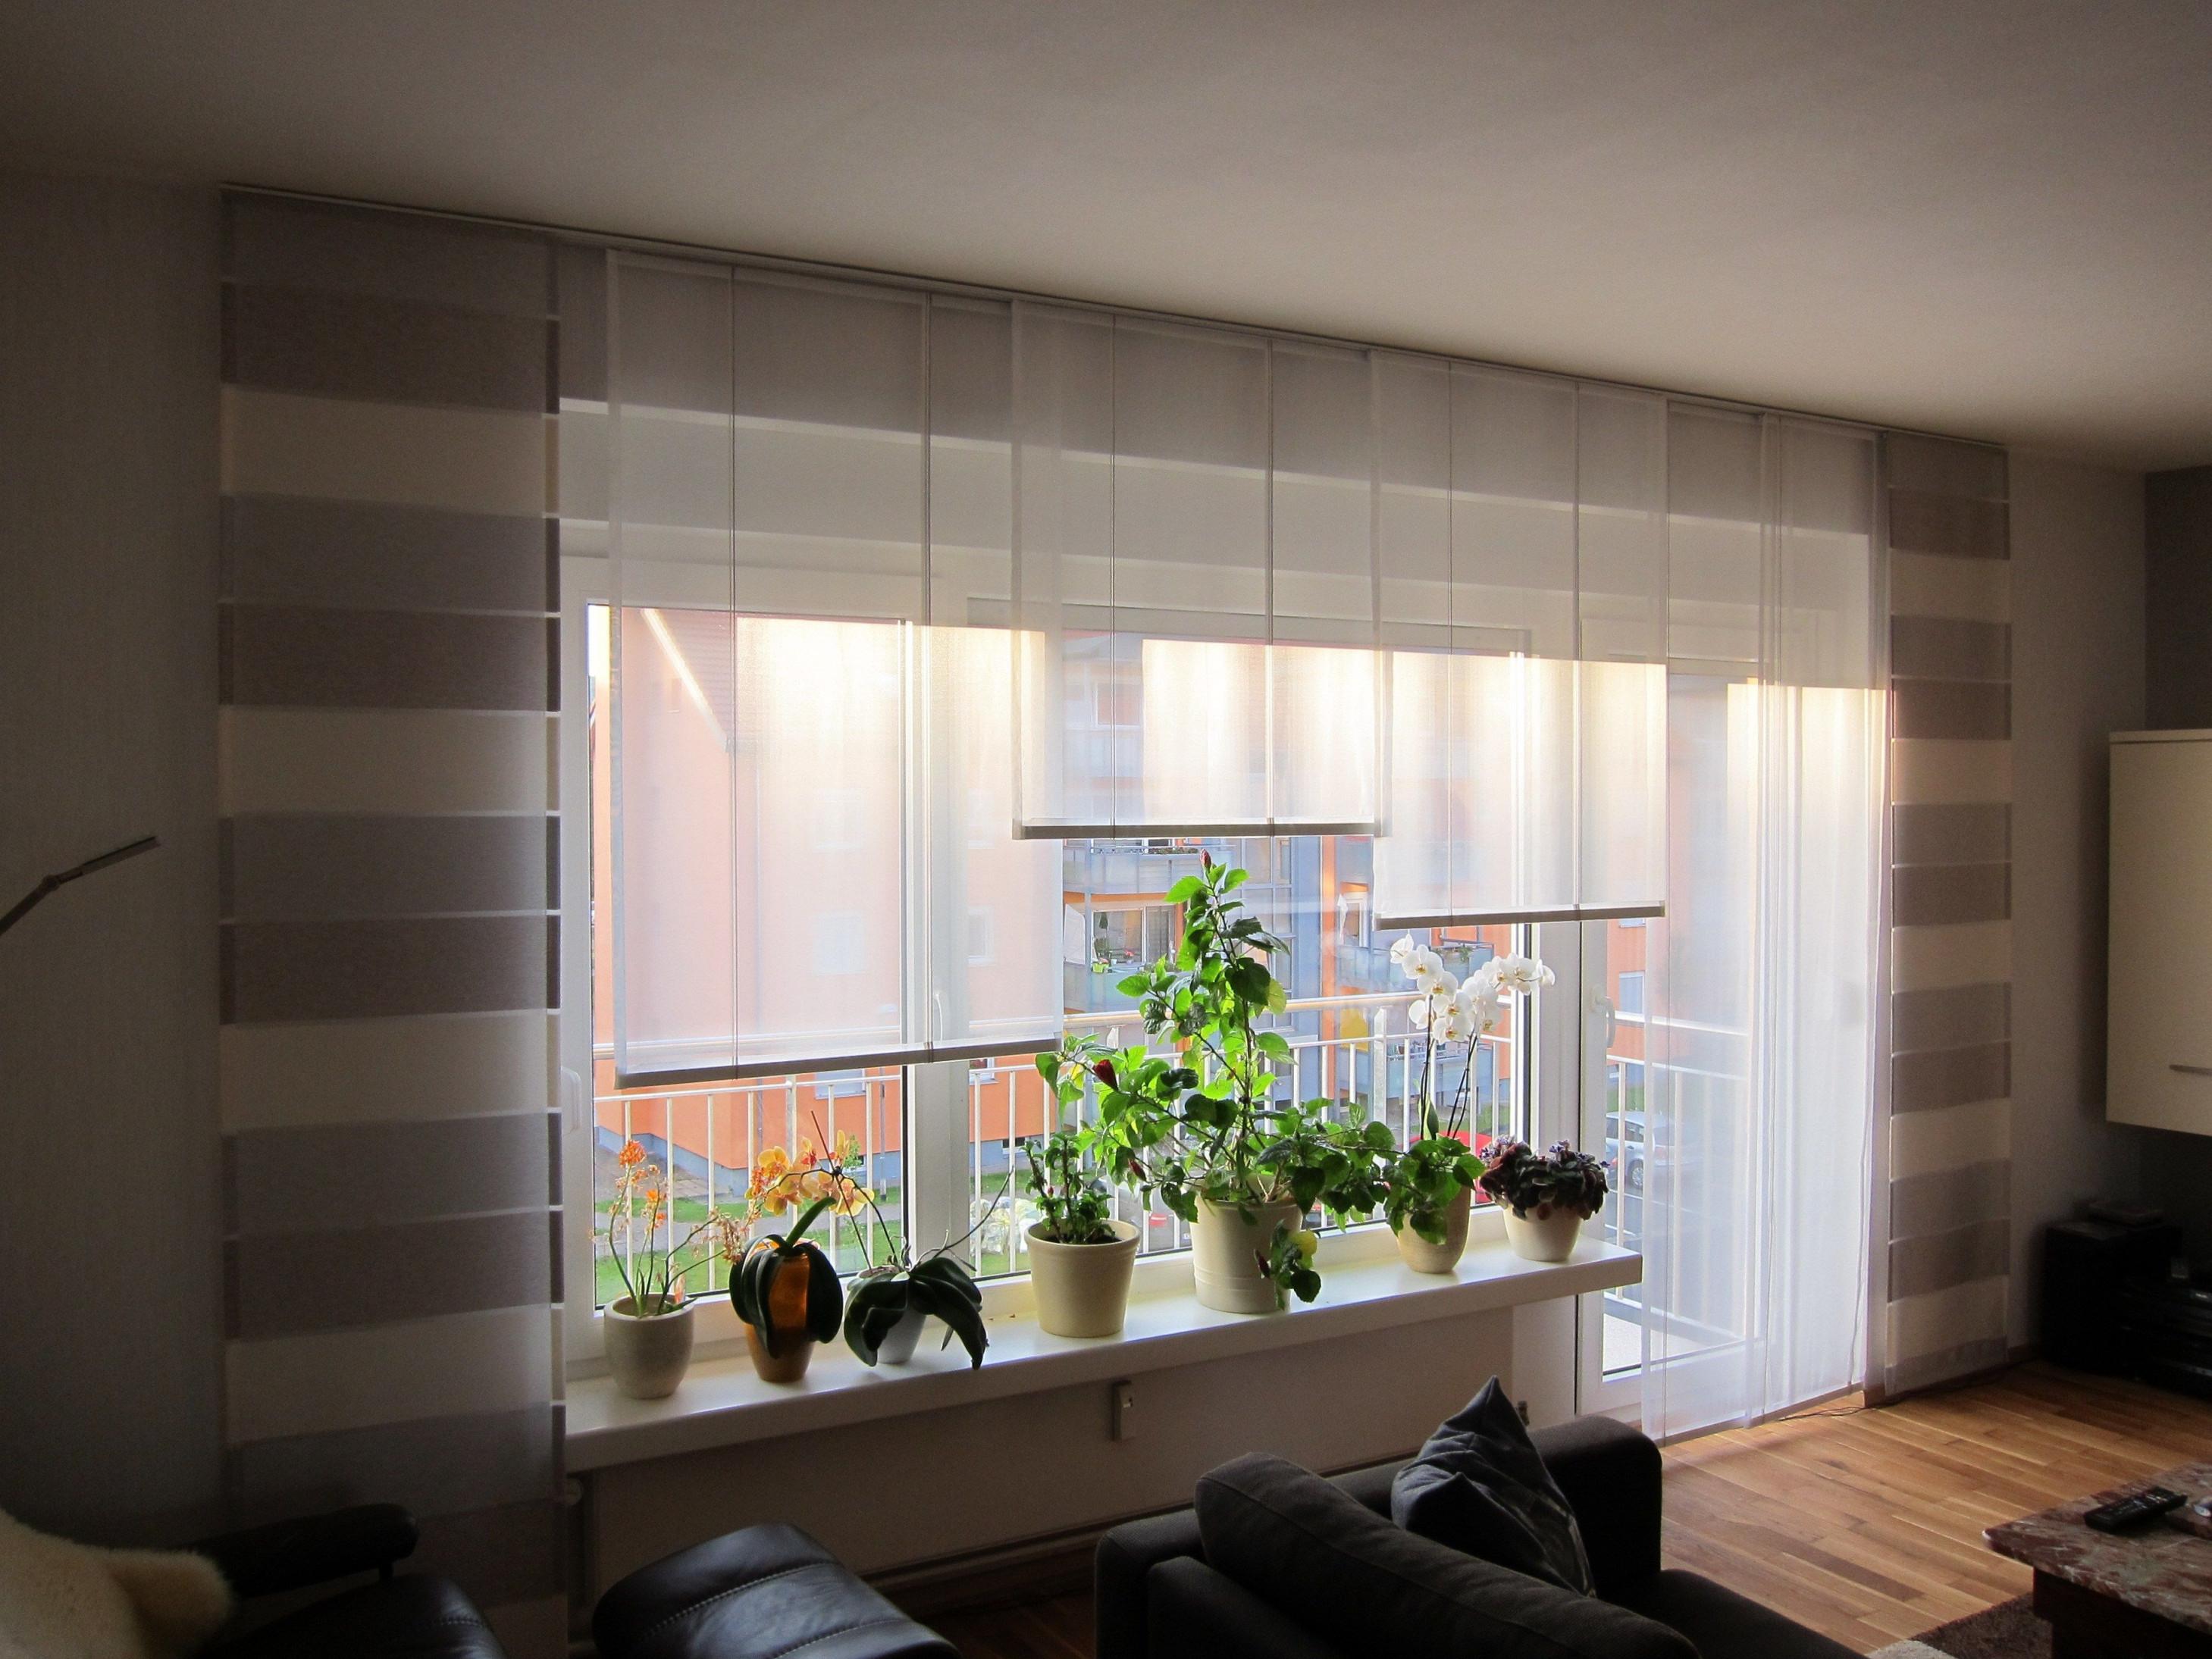 Schiebegardinen Kurz Set  Gardinen Wohnzimmer Vorhänge von Gardinen Kurz Wohnzimmer Photo